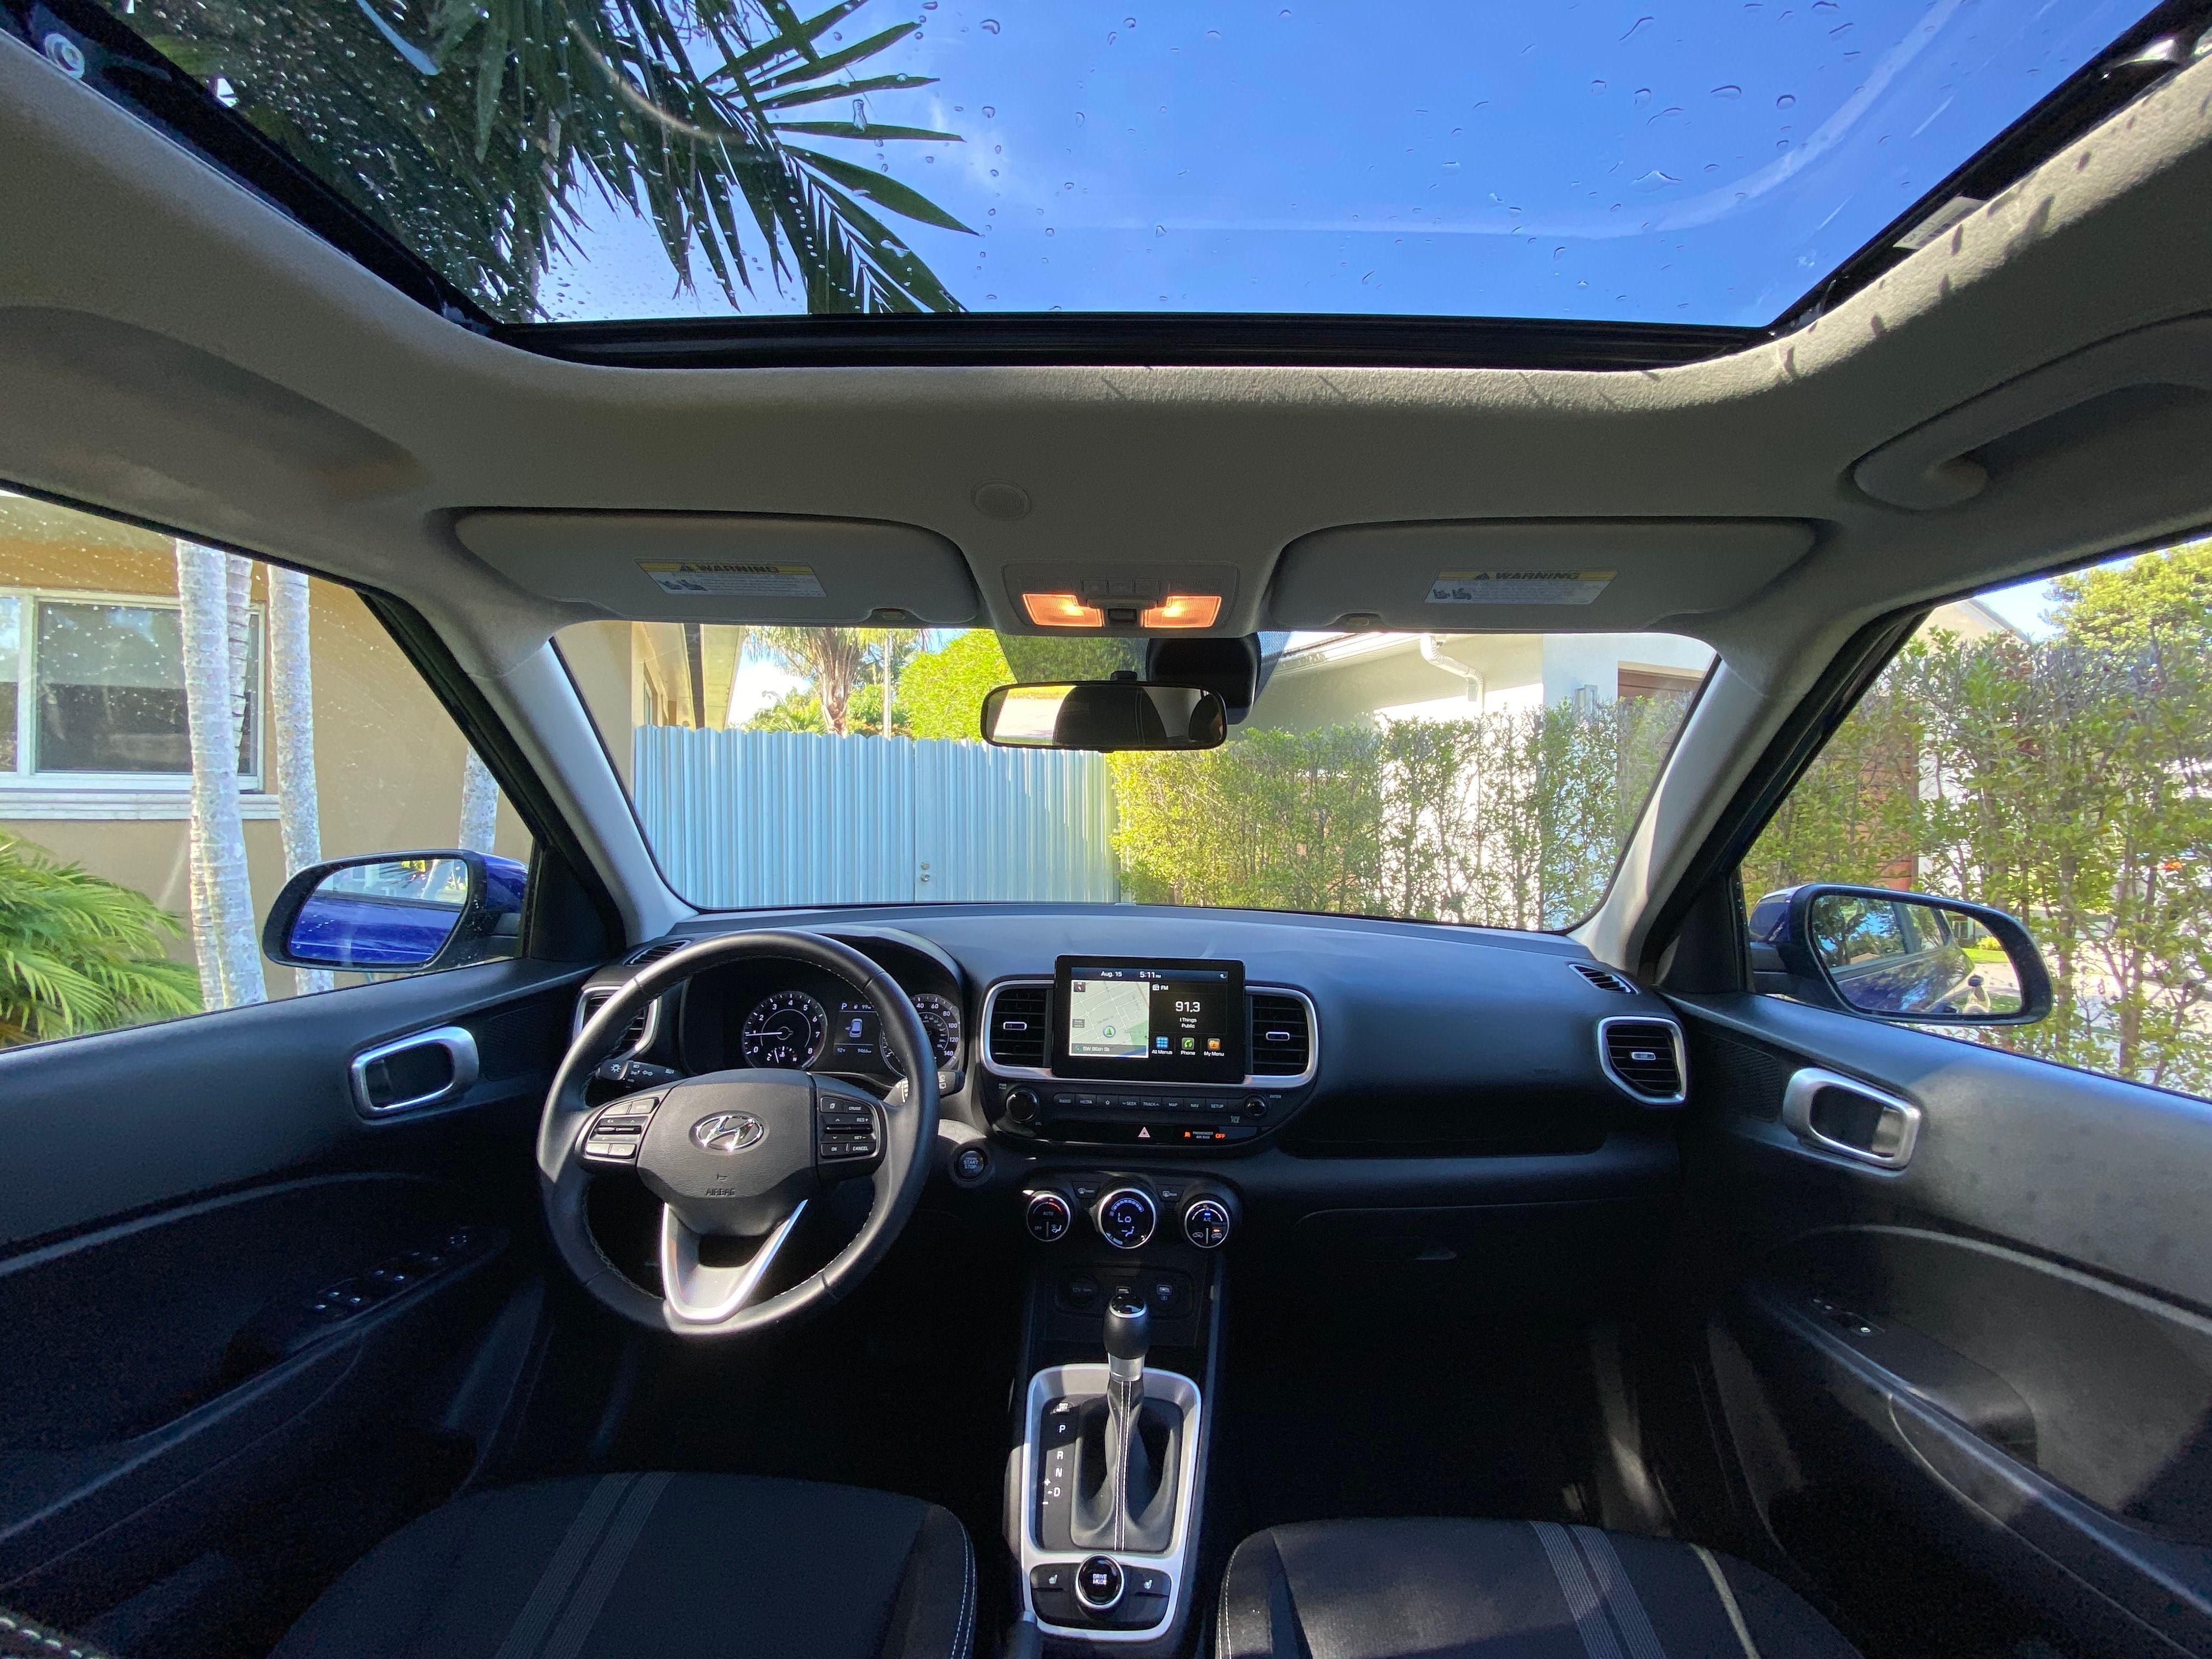 El Hyundai Venue 2020 tiene la lista de equipo estándar más amplia del segmento de los autos compactos. Foto: Javier Mota.